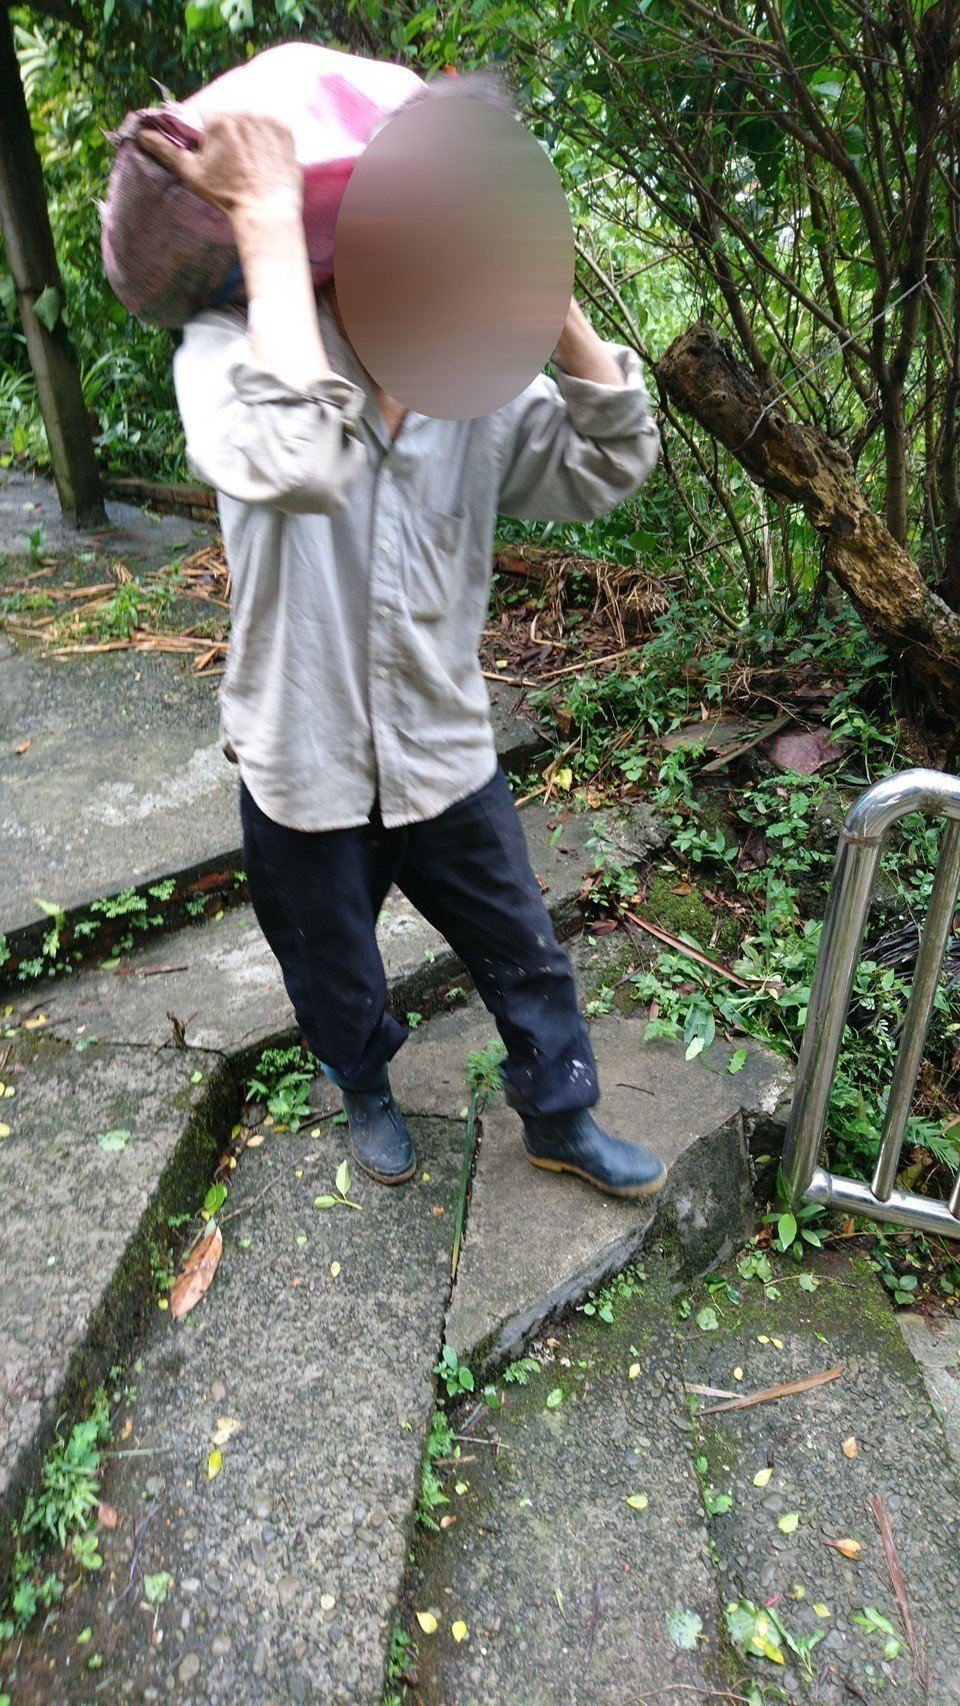 暖警好心幫忙扛麻袋阿伯,赫見袋內沒竹筍是偷來電線。圖/警方提供